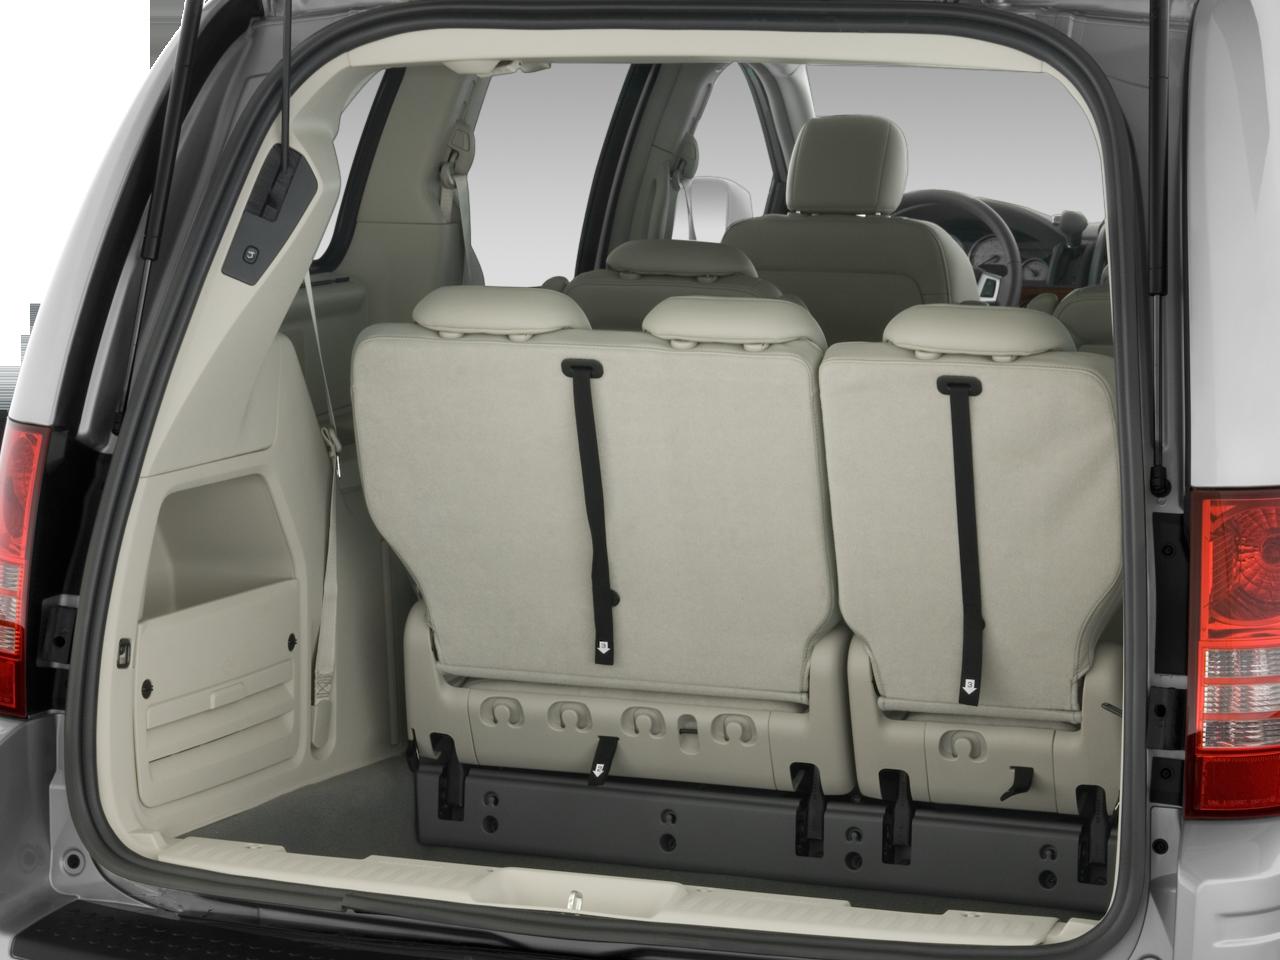 Chrysler Town & Country V 2007 - 2010 Minivan #2